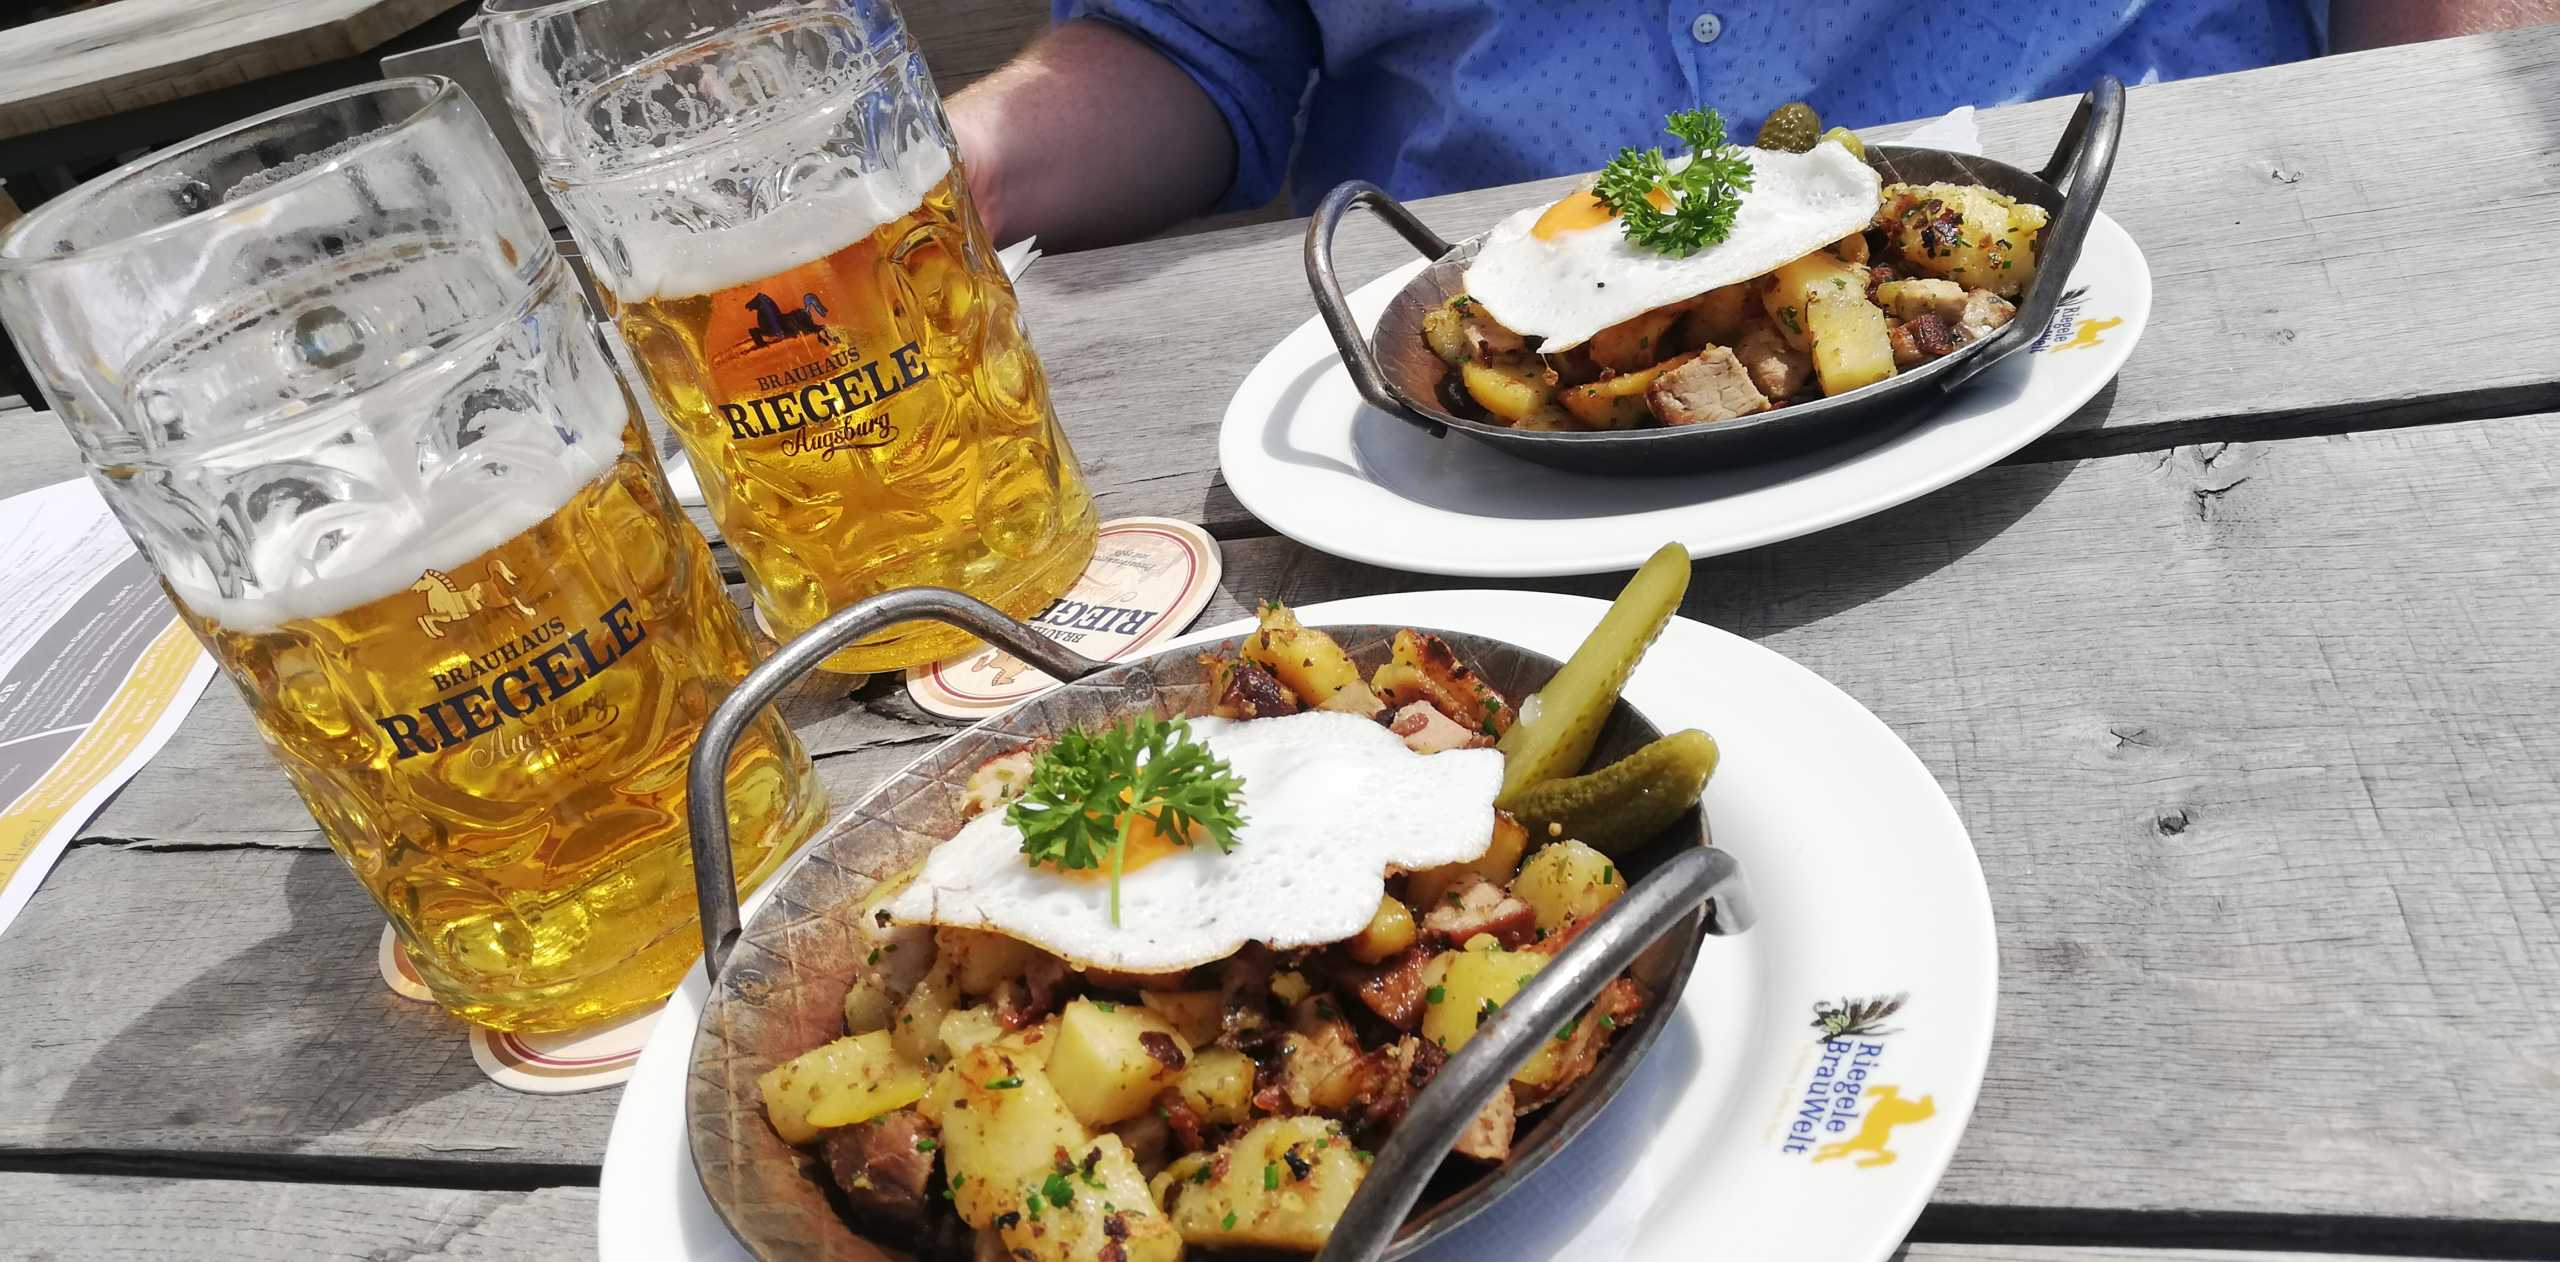 Bier und dazu Gröstl Pfanne mit Sonnenschein |Johannes Ulrich Gehrke